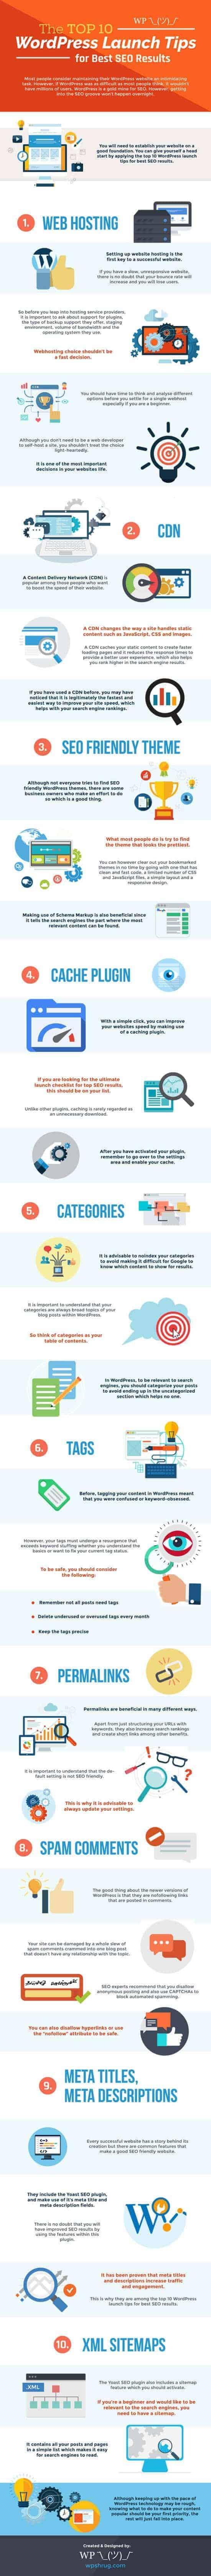 Consejos de diseño web en WordPress para un mejor posicionamiento SEO infografia